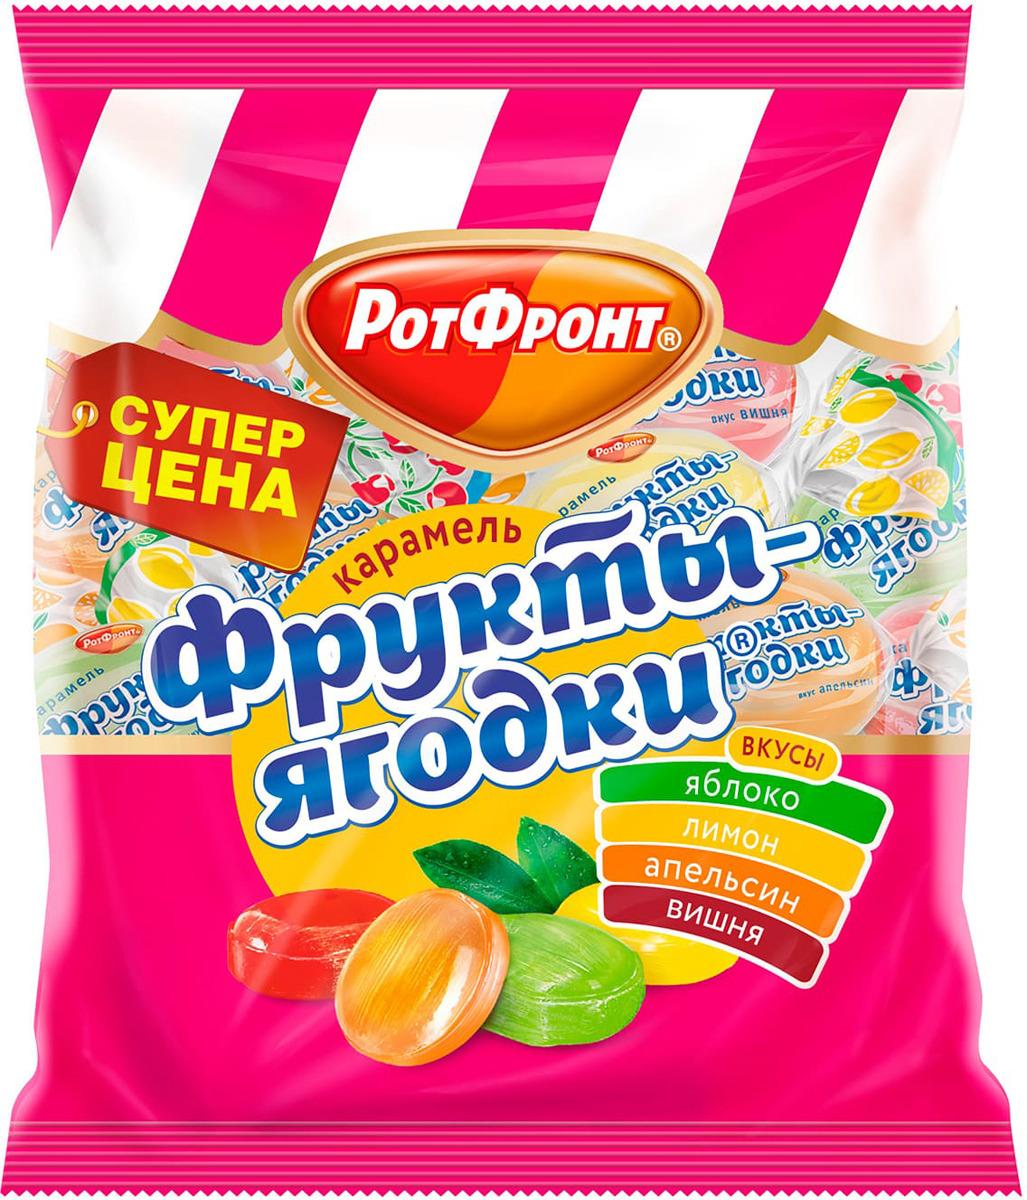 Карамель Рот Фронт Фрукты-ягодки микс, 250 г карамель бон пари дыня арбуз 75 г